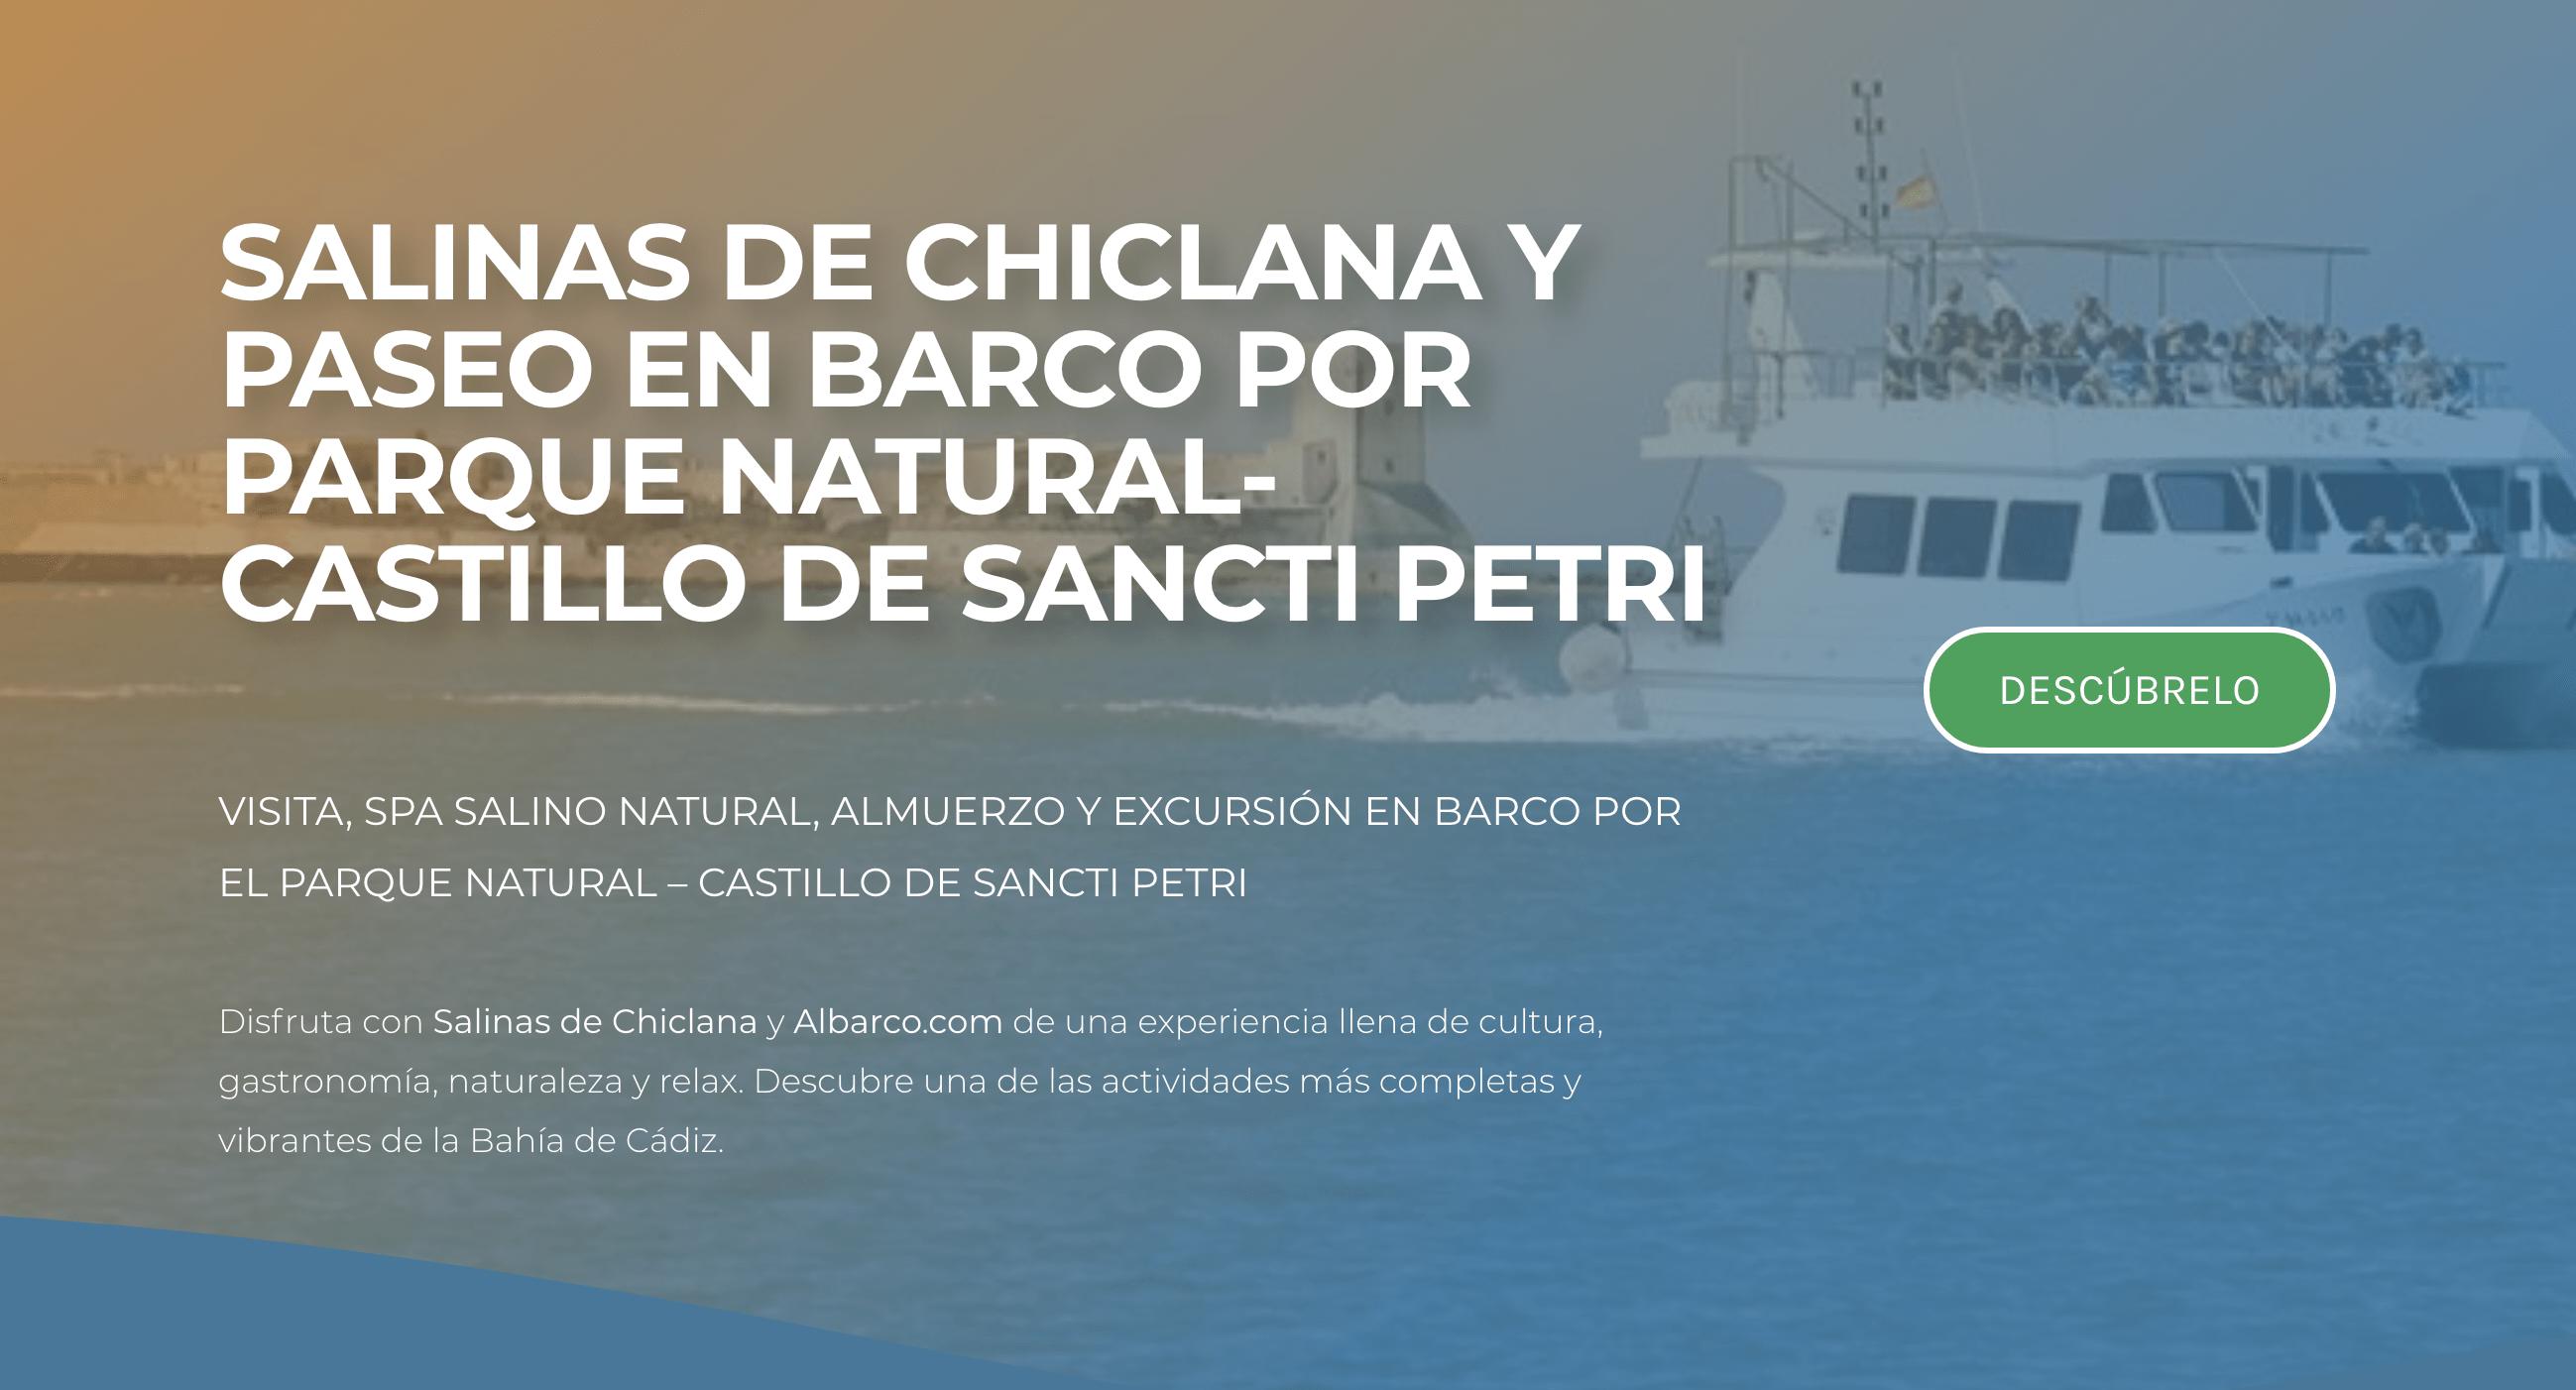 Salinas de Chiclana y Albarco.com